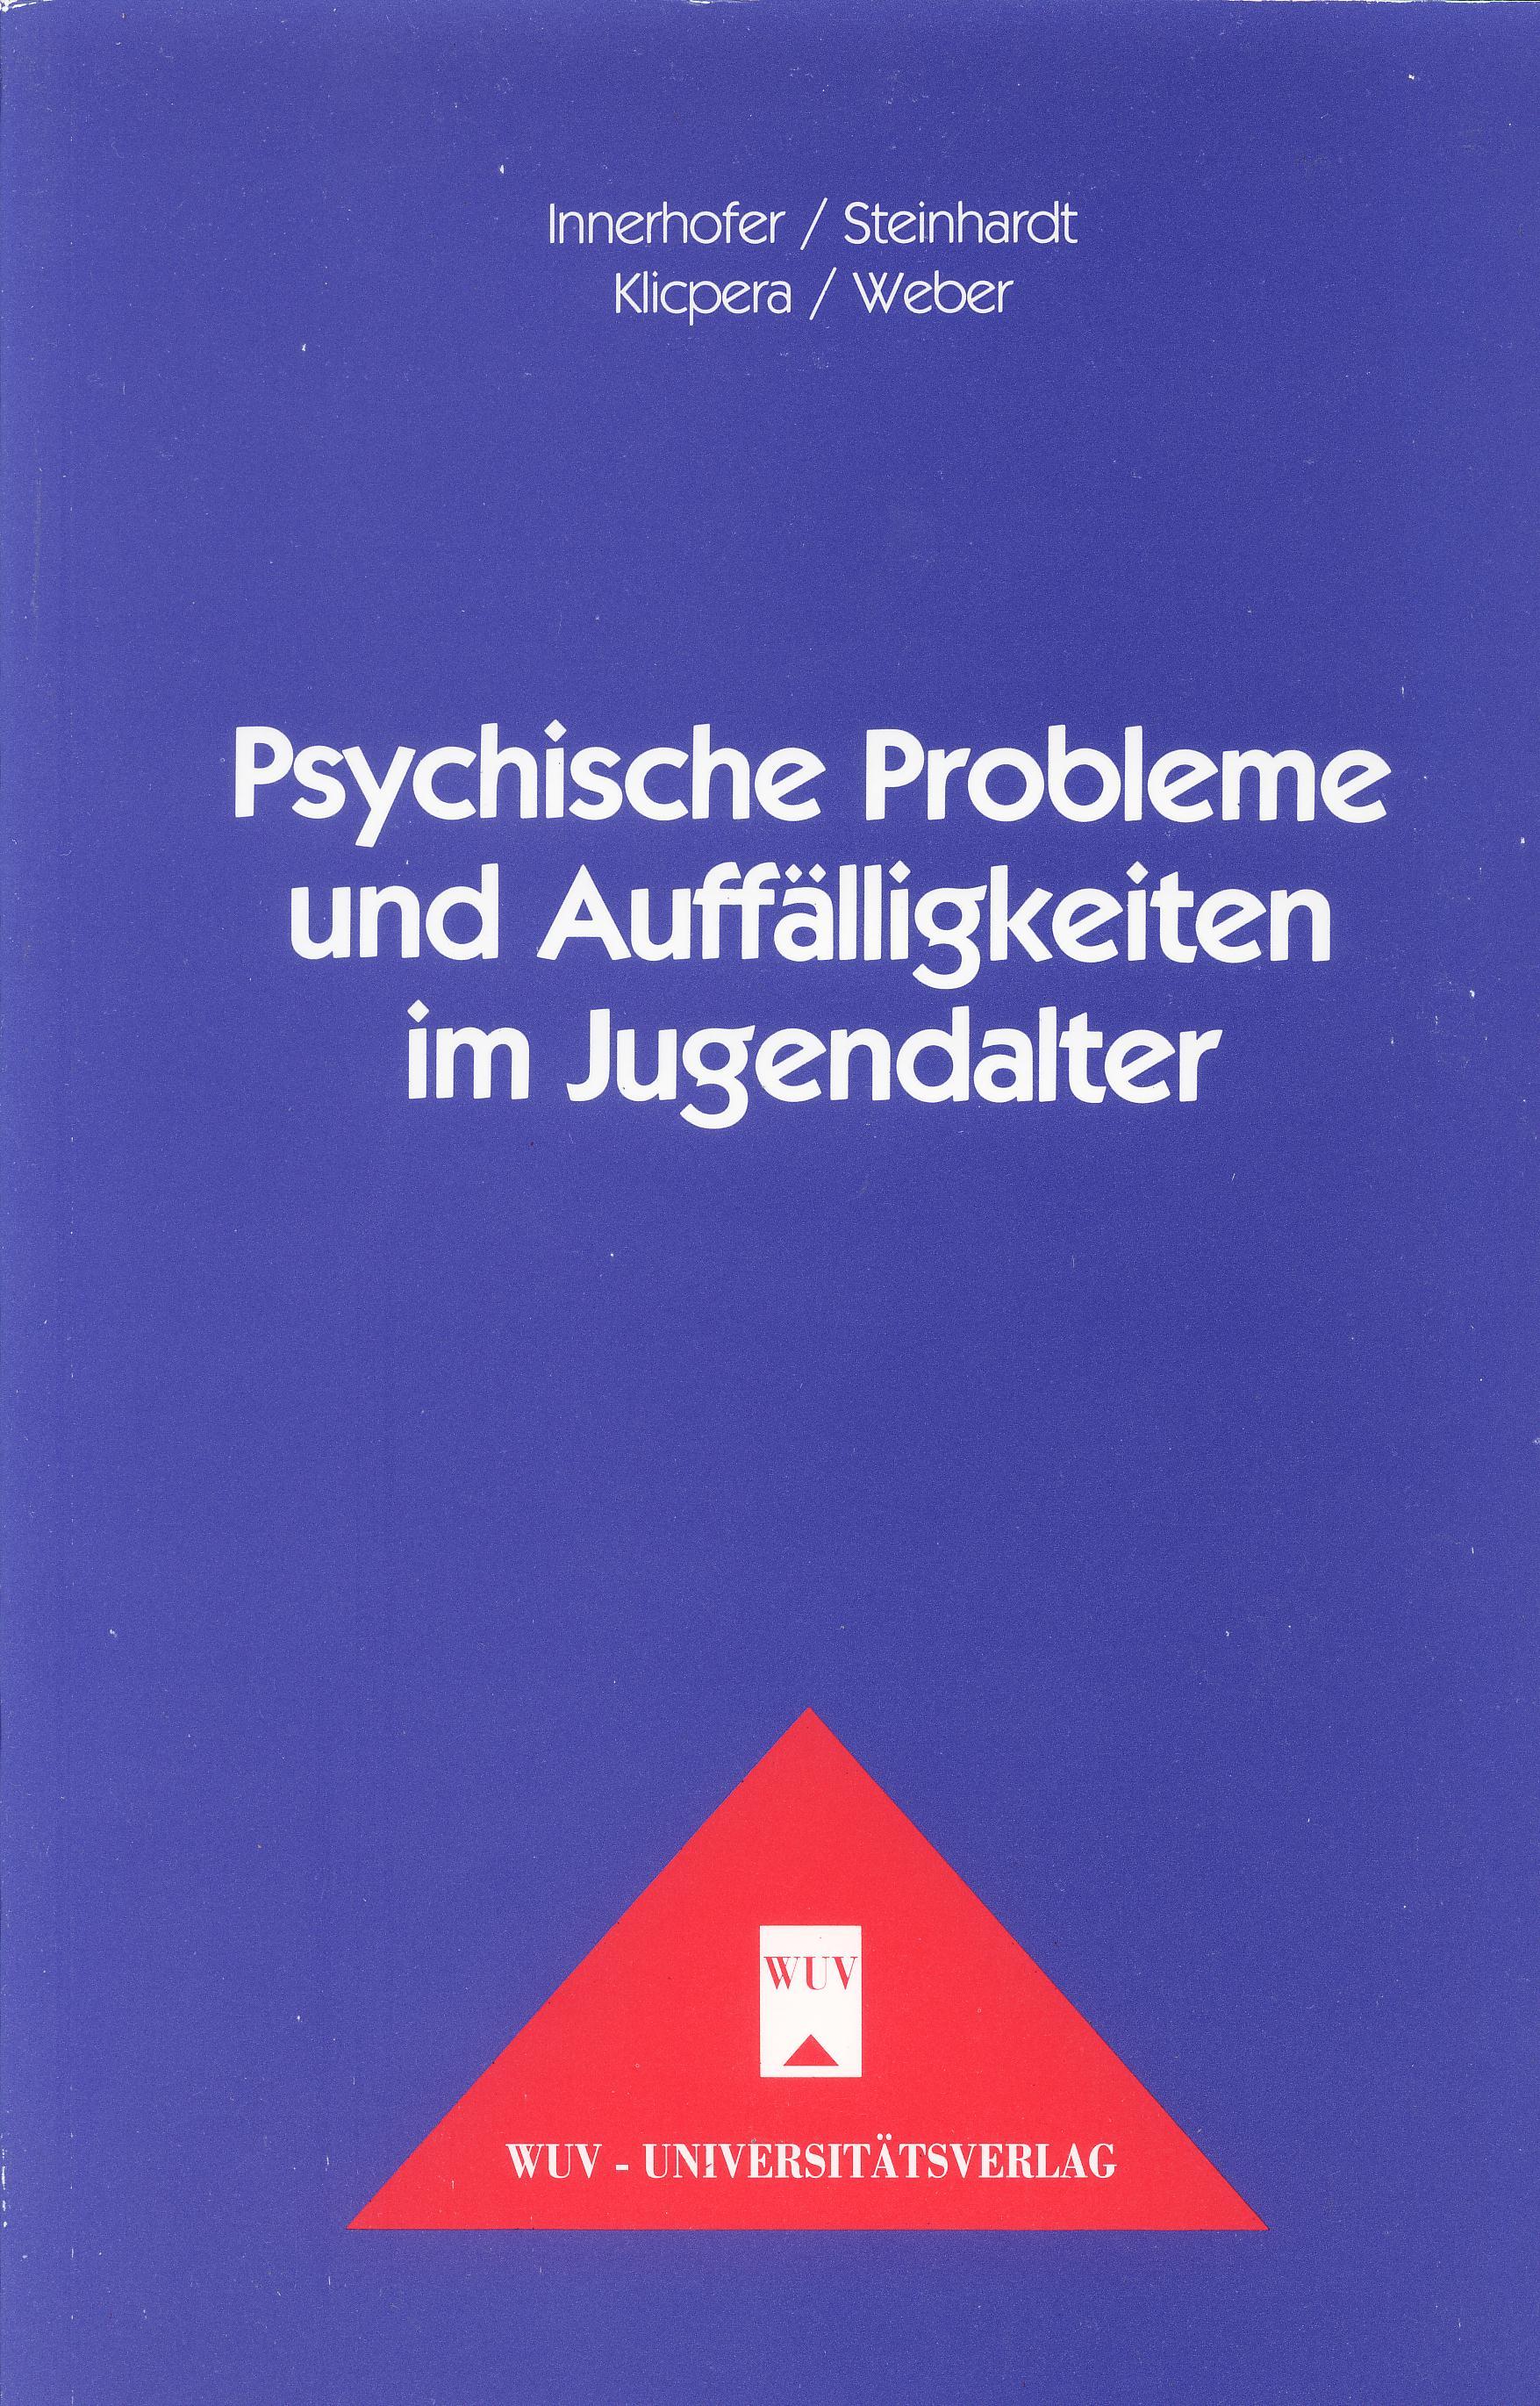 Psychische Probleme und Auffälligkeiten im Jugendalter